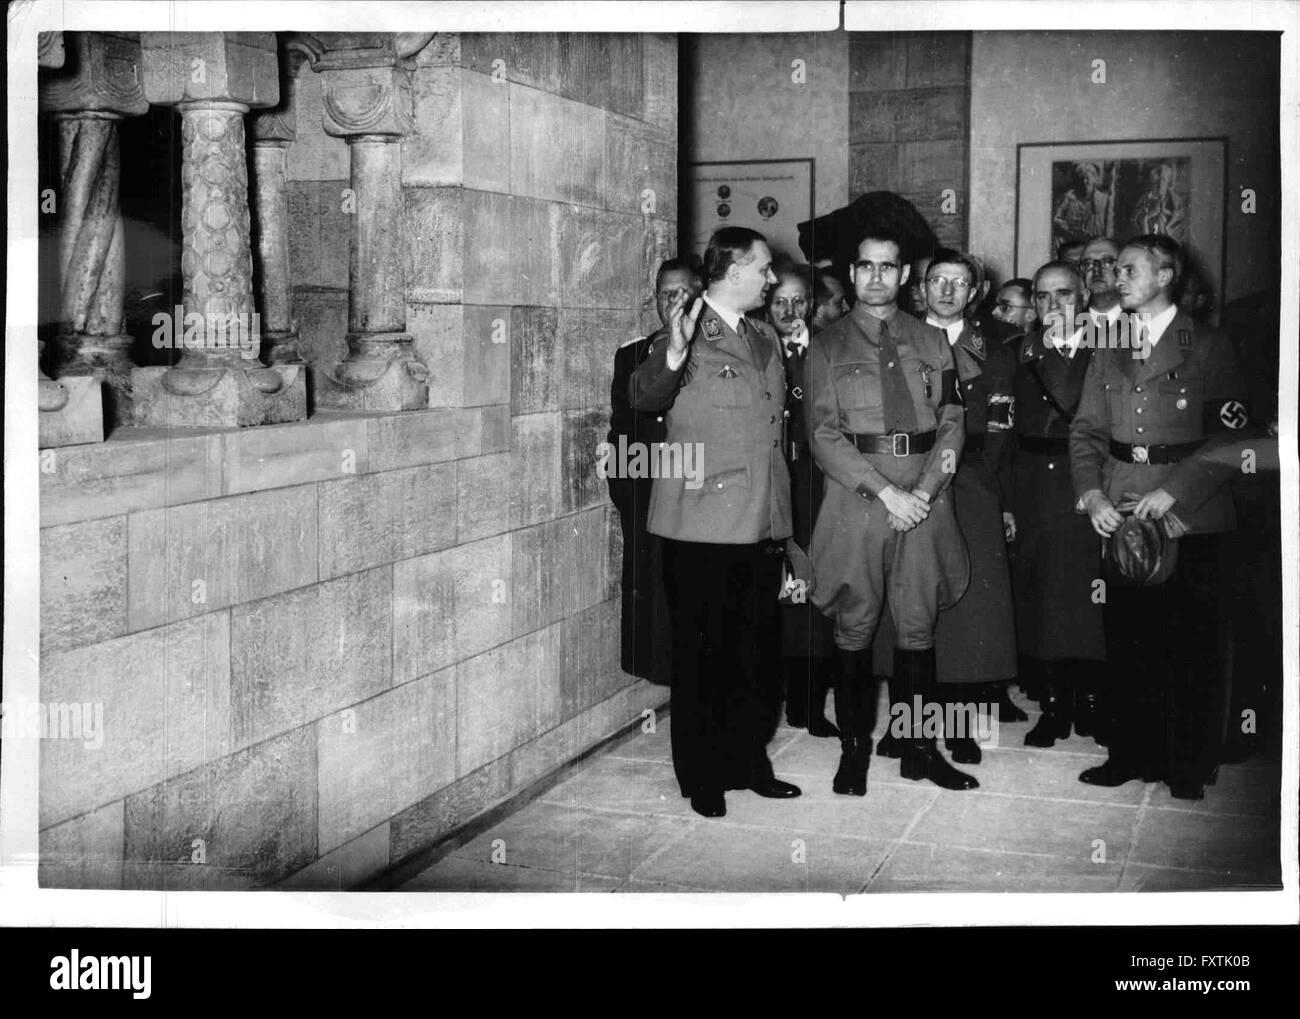 Eröffnung der Ausstellung 'Deutsche Größe' - Stock Image